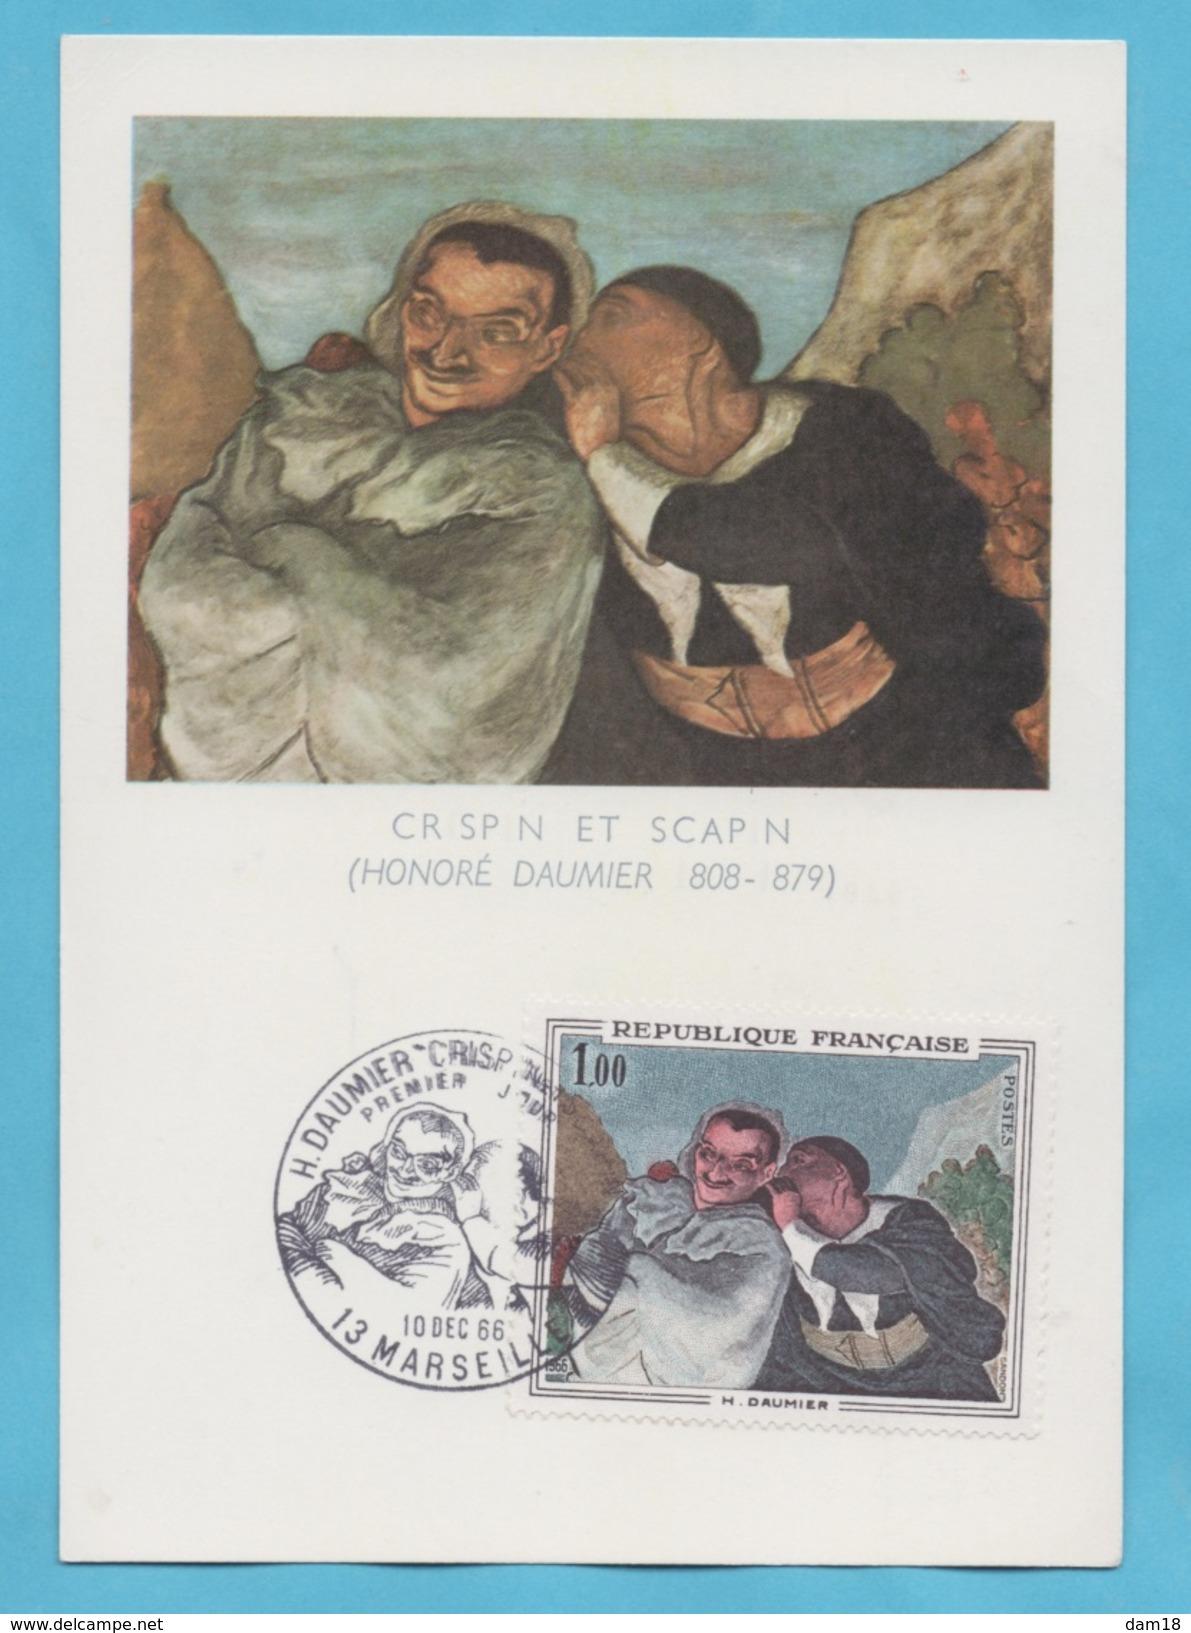 FRANCE N° 1494 (YT) SUR CARTE MAXIMUM  TABLEAU DE DAUMIER  1966 - Briefe U. Dokumente